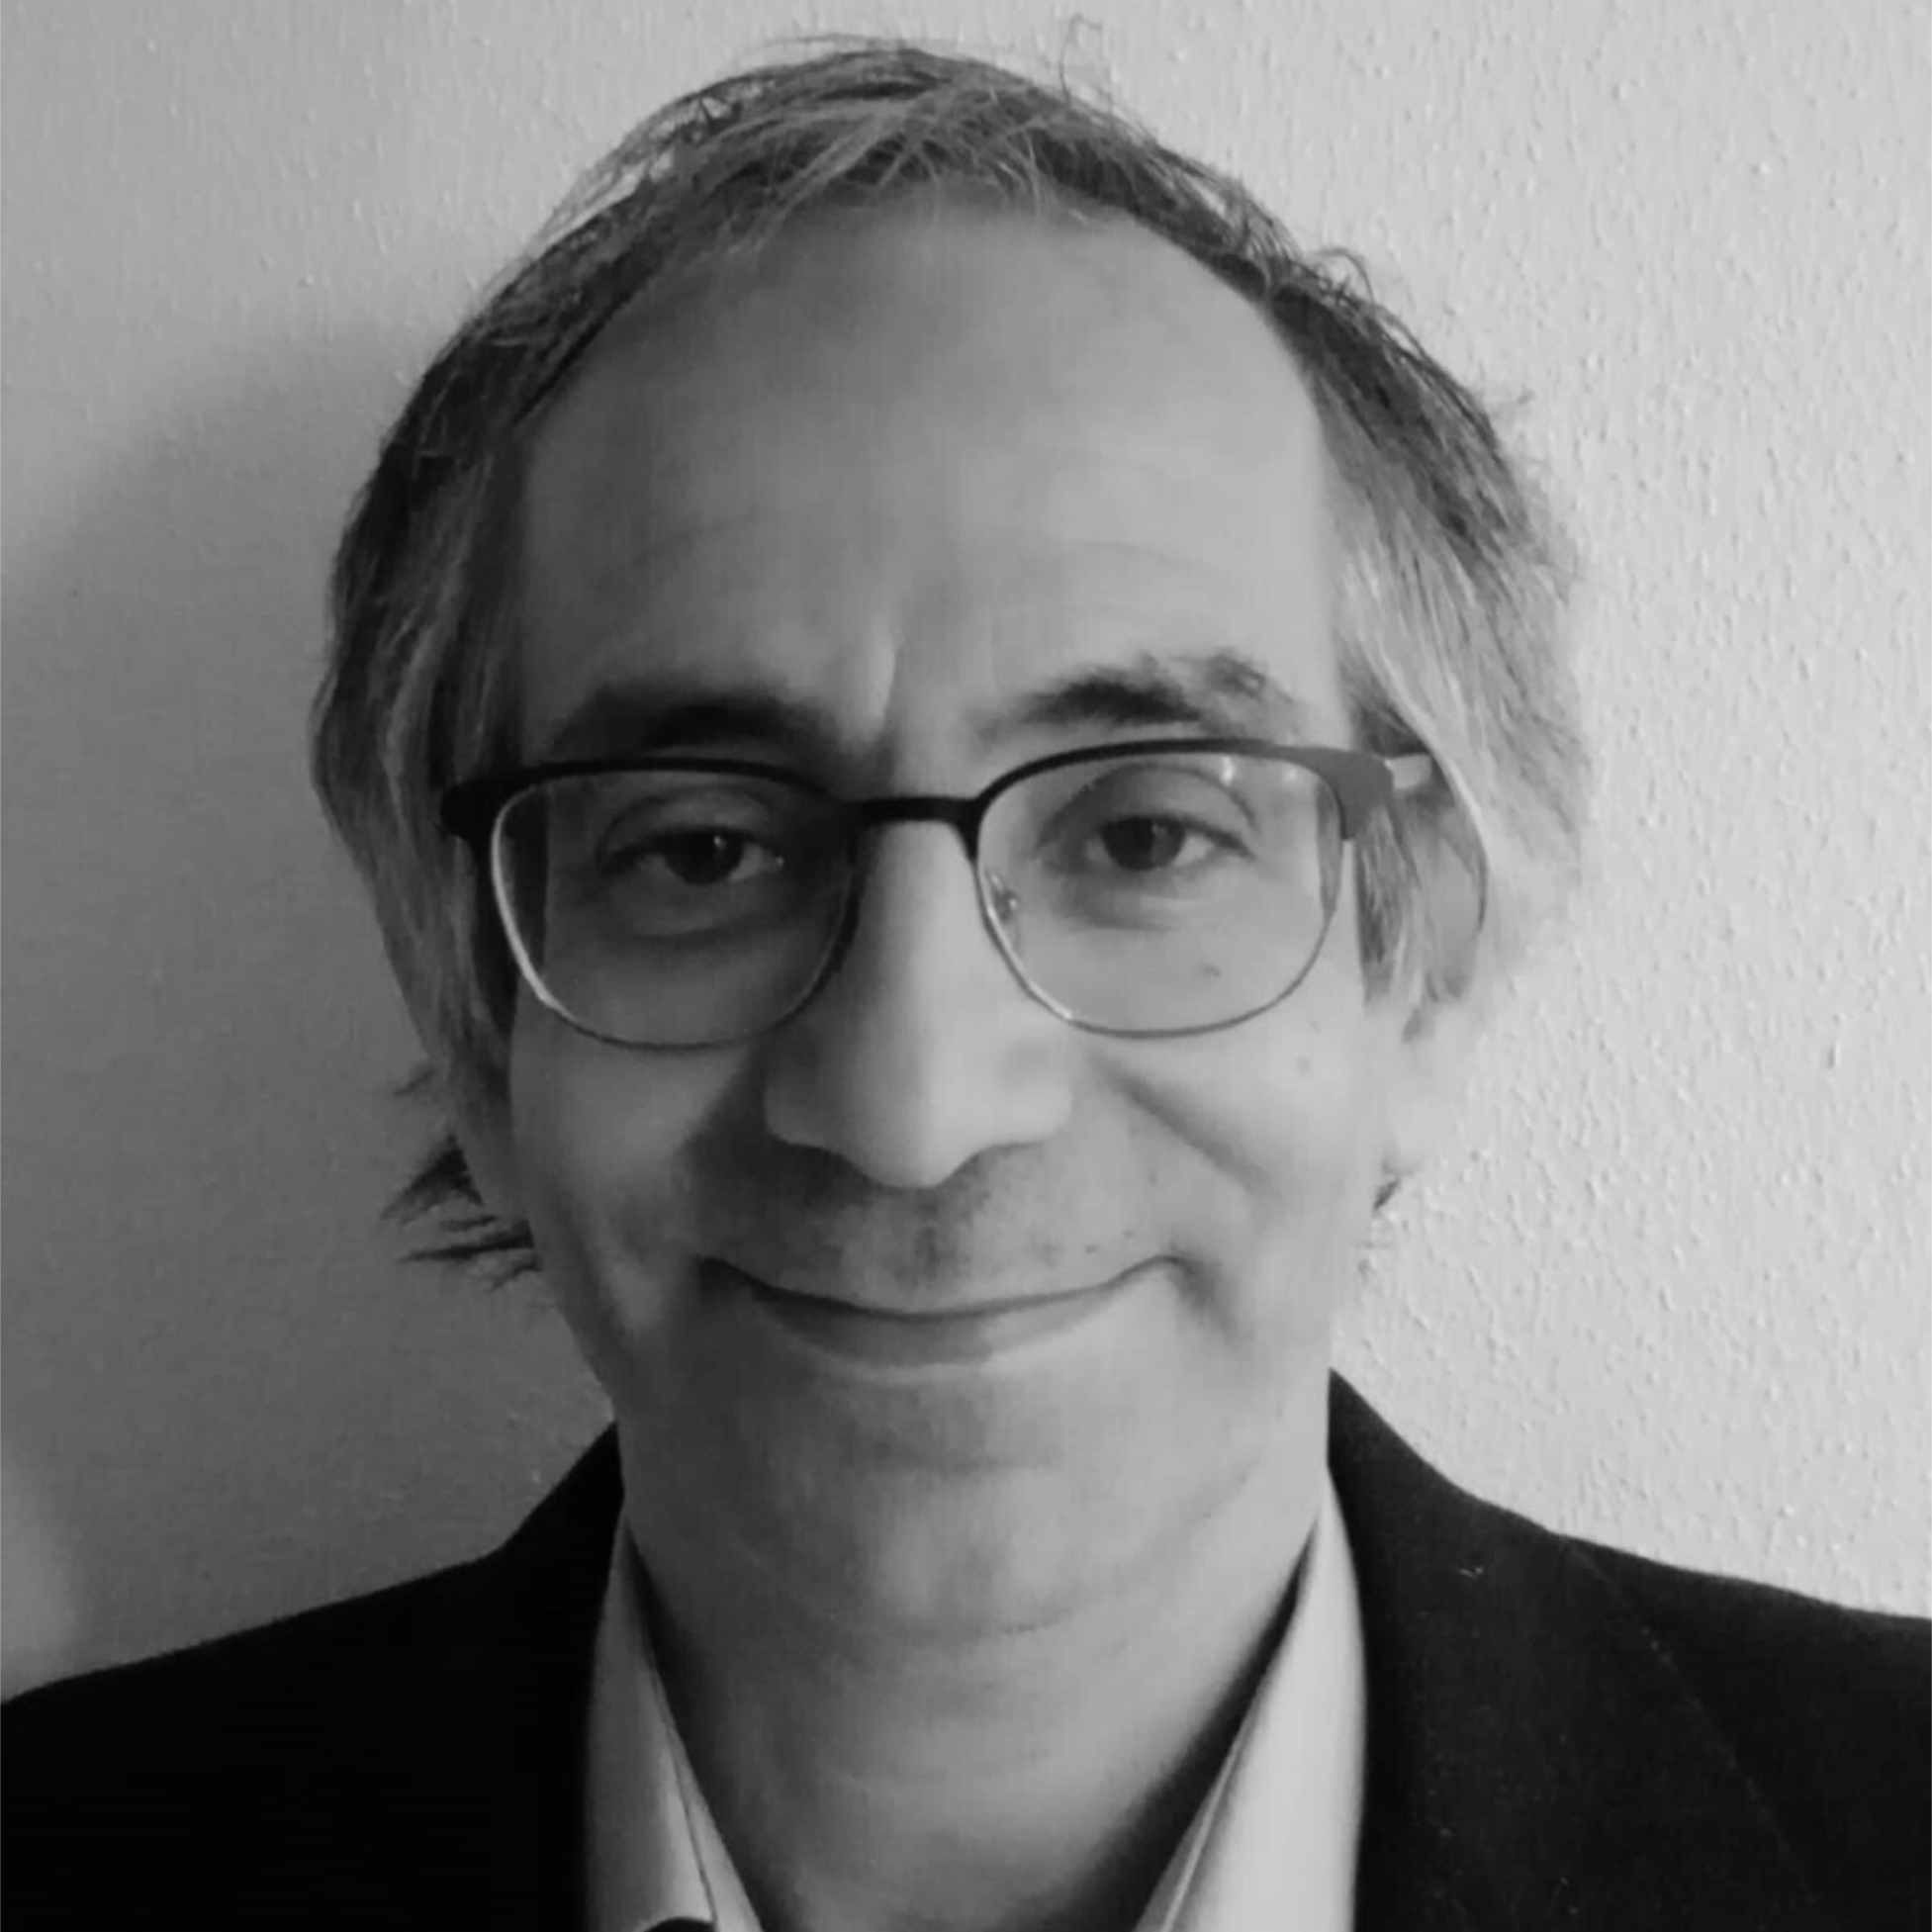 Giuseppe Marco Tina